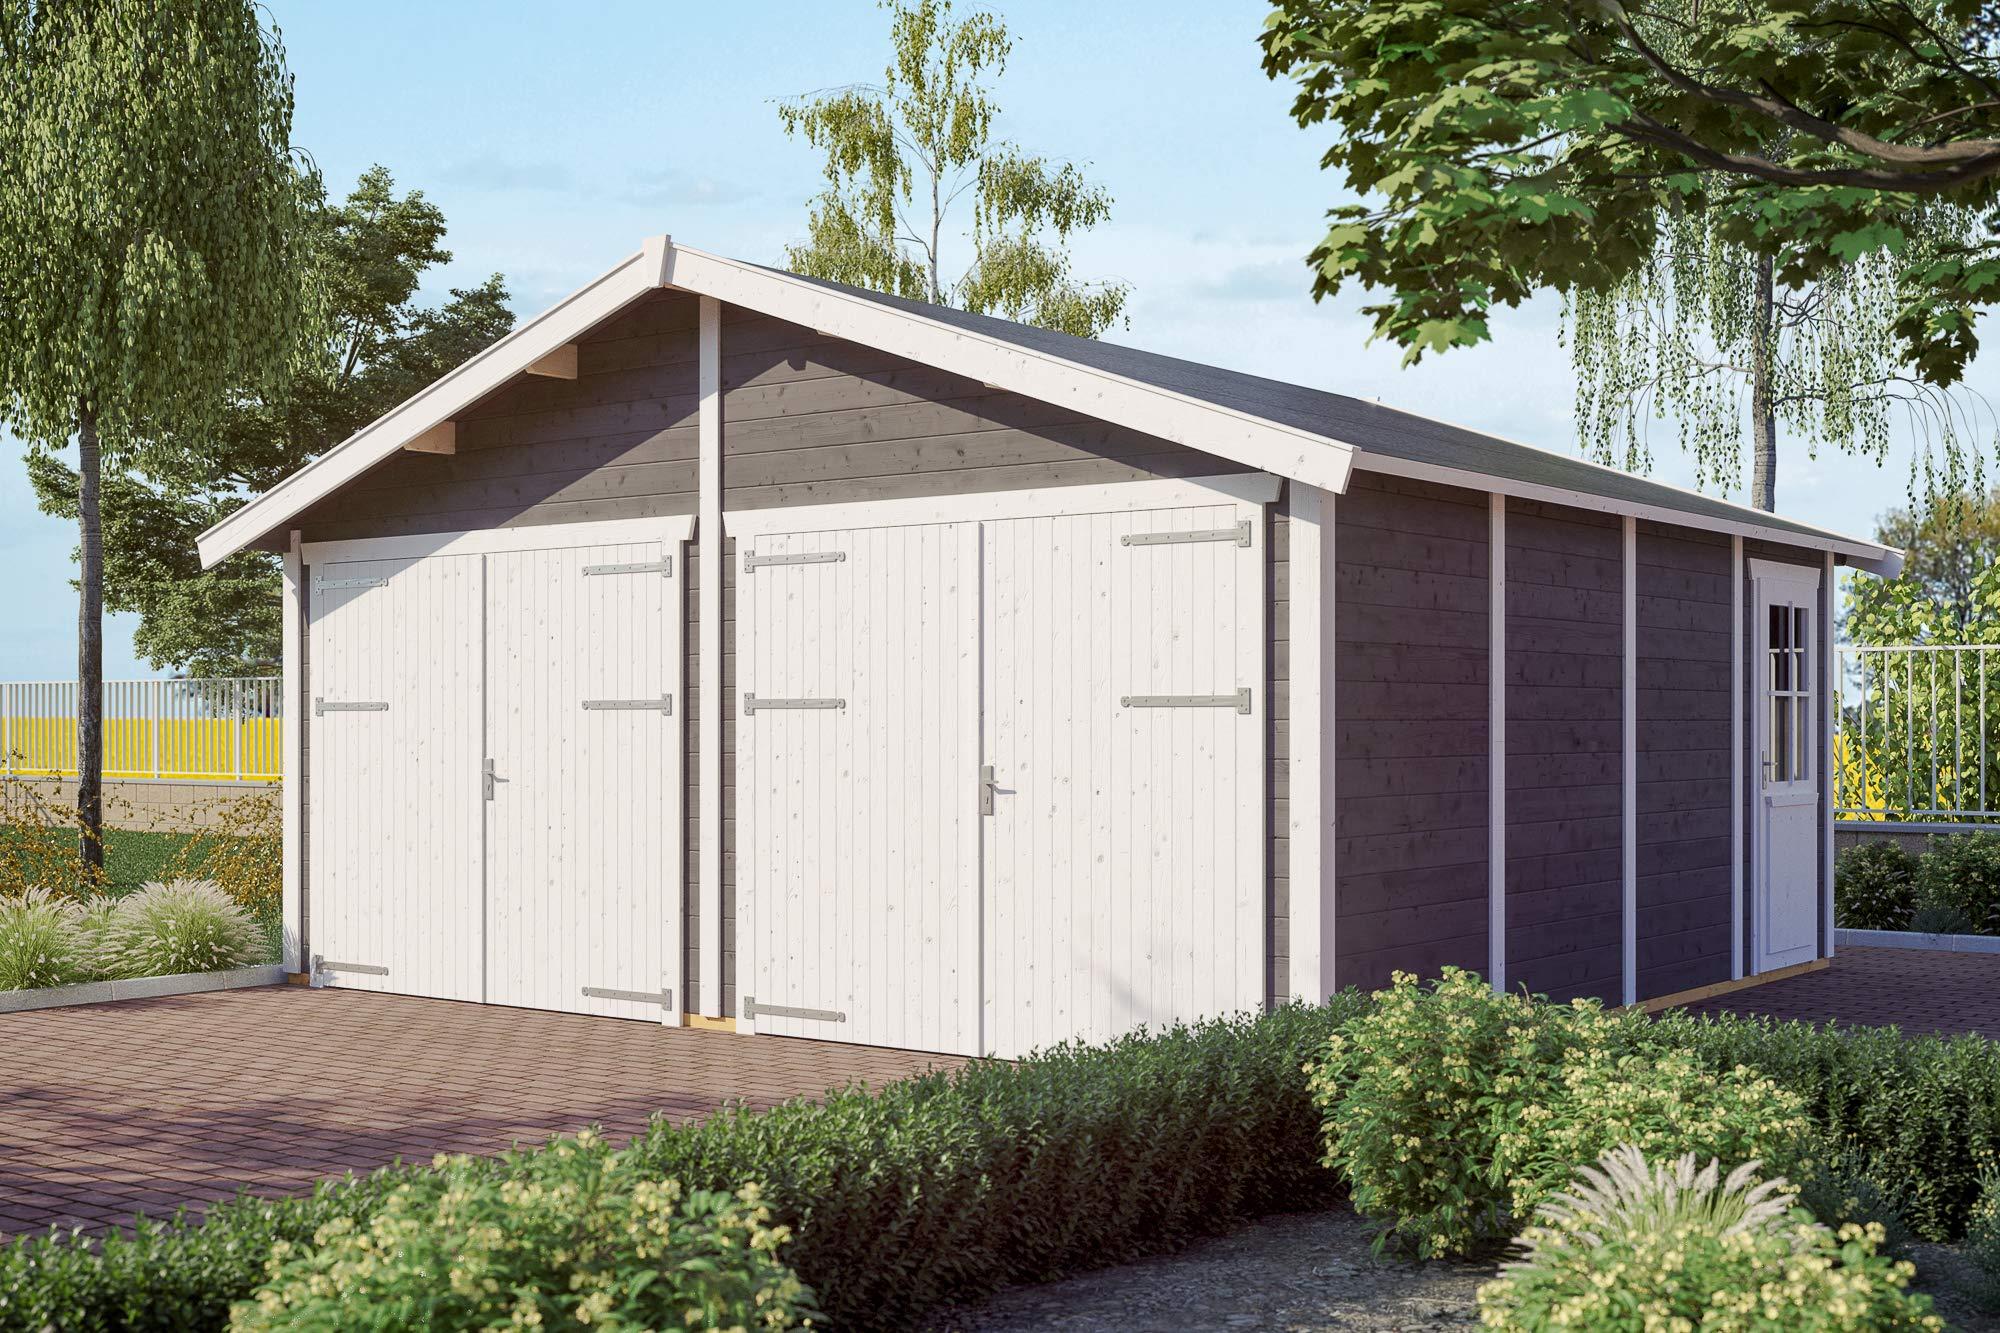 Skan Holz Visby 3 - Garaje (28 mm), Color Gris: Amazon.es: Jardín